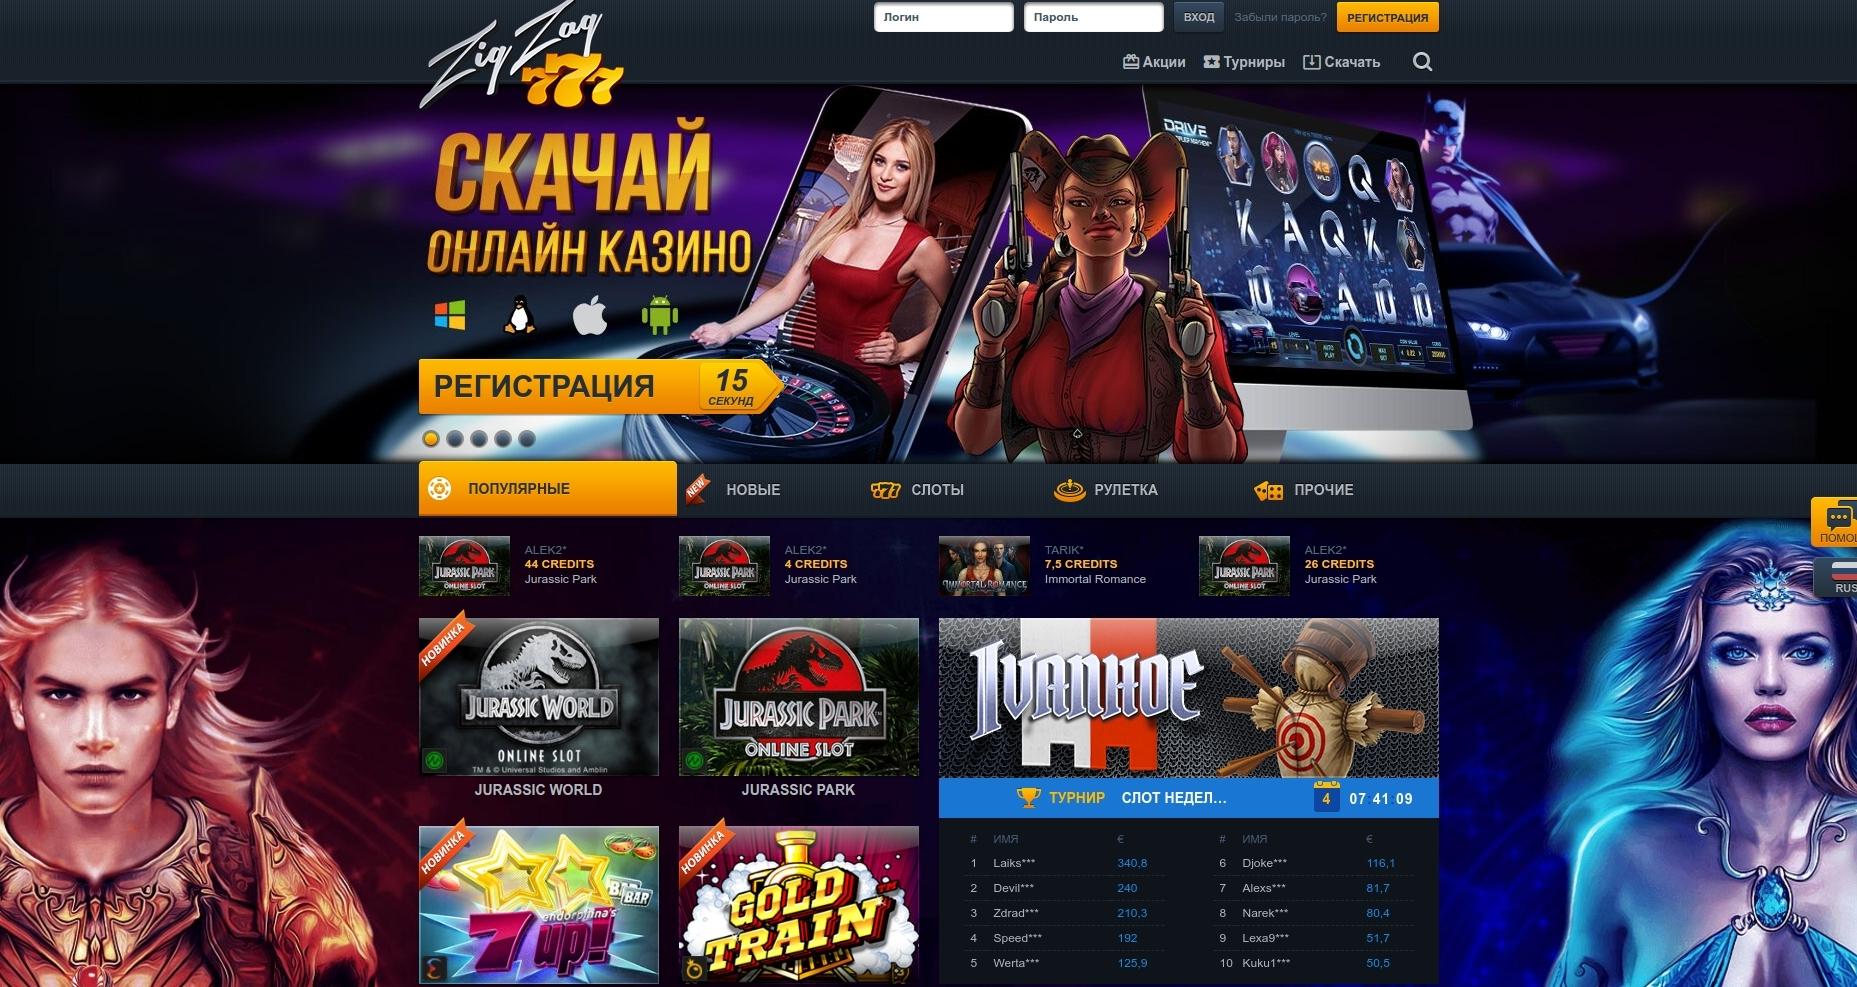 фото Официальный сайт казино zigzag 777